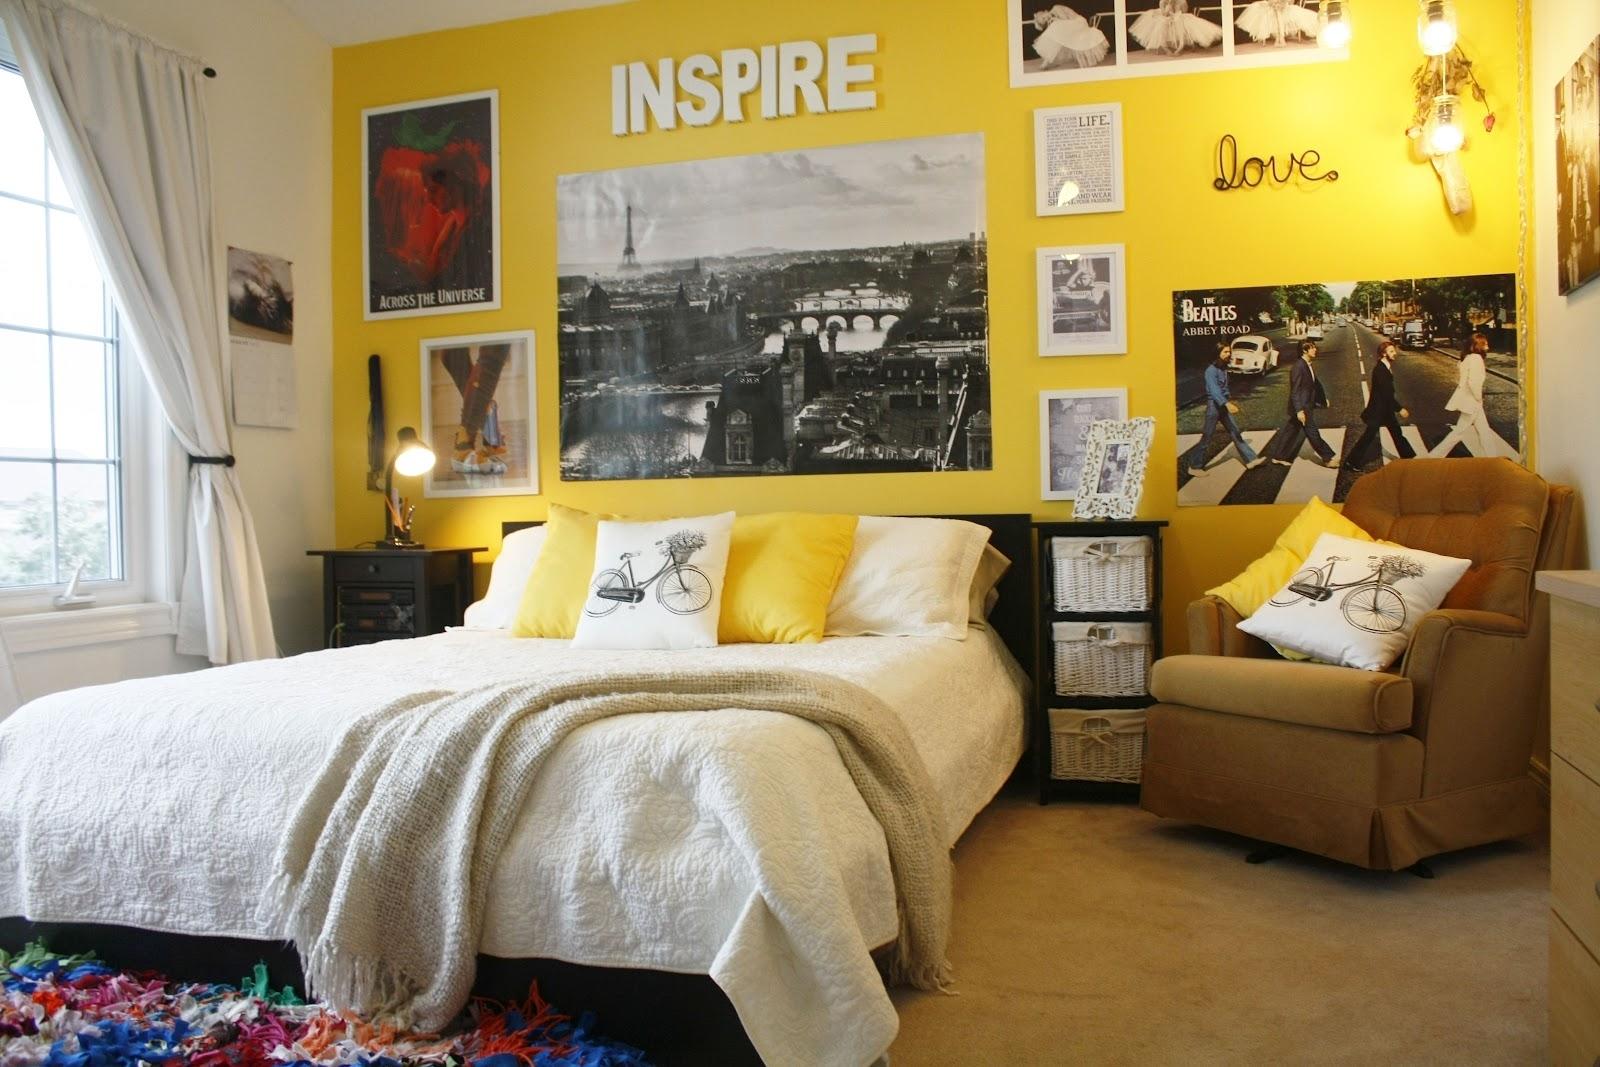 Creative Hippie Wall Decor | Home Design Ideas : Hippie Wall Decor For Recent Yellow Wall Accents (View 6 of 15)